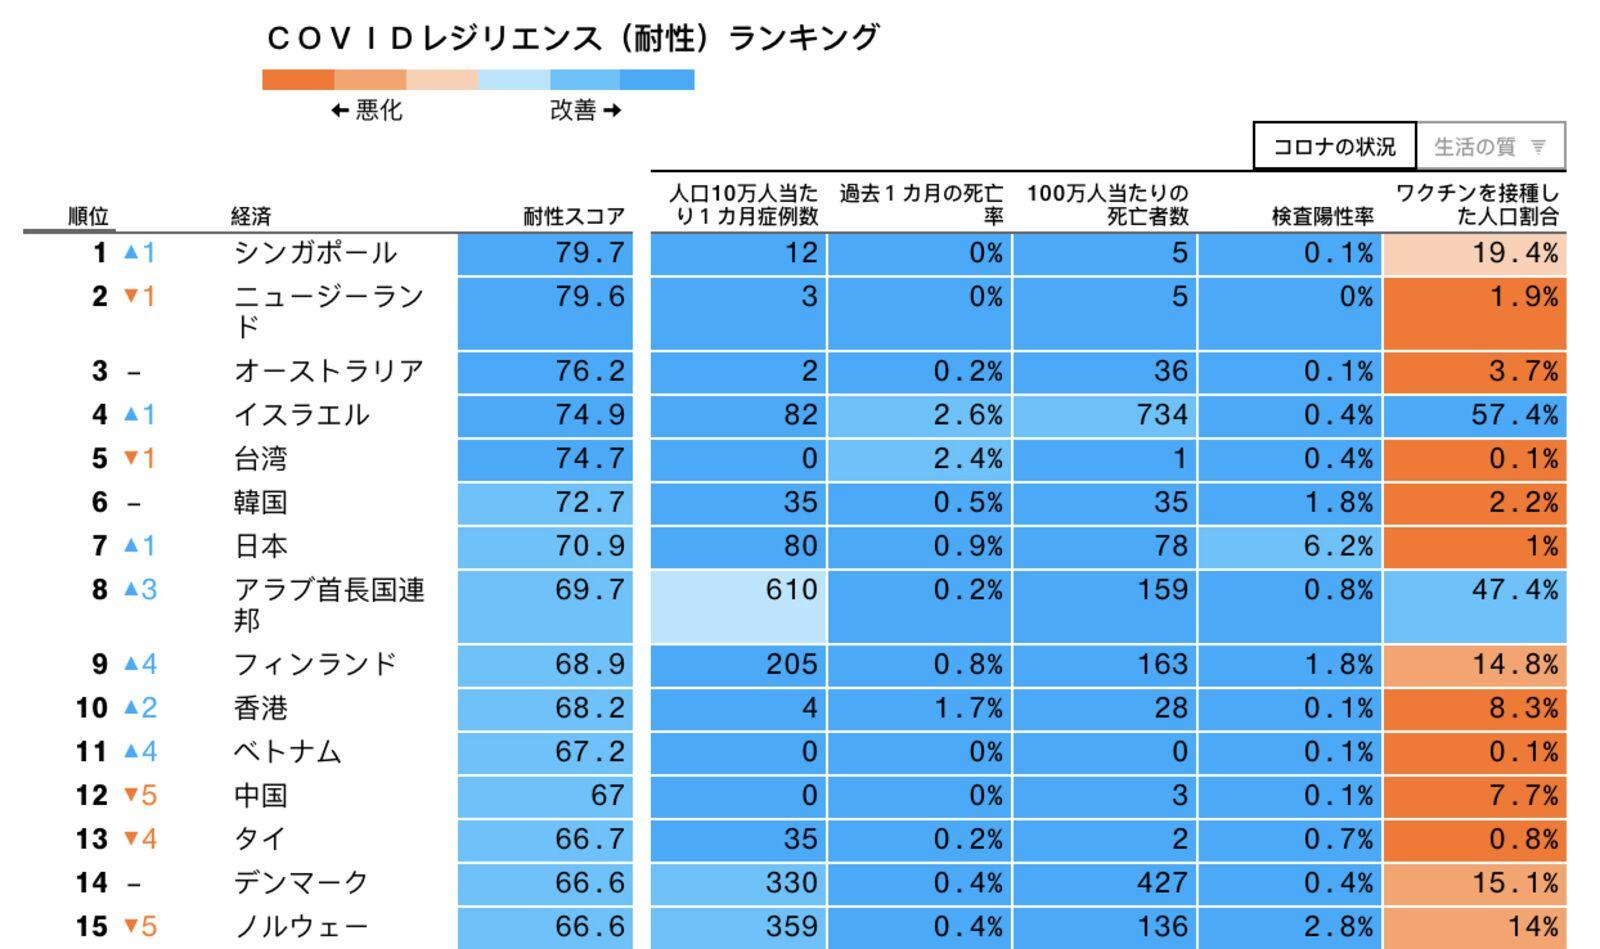 【国際】安全な国ランキング、1位シンガポール、7位日本